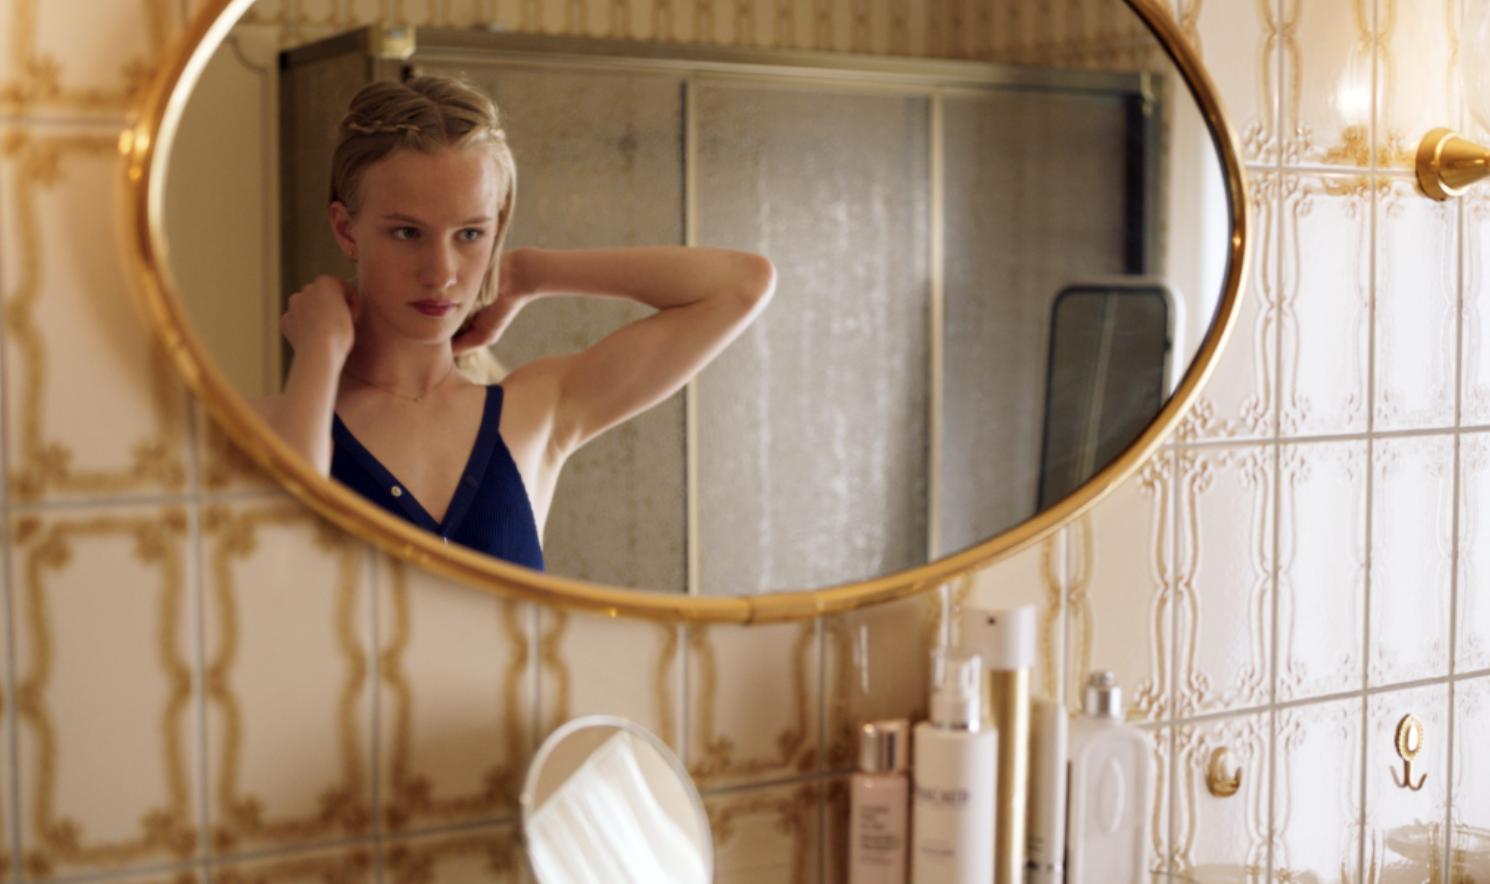 Lara staat voor de spiegel. Ze doet zichzelf een gouden kettinkje aan. Ze draagt een donkerblauwe jurk en heeft haar haar opgestoken.